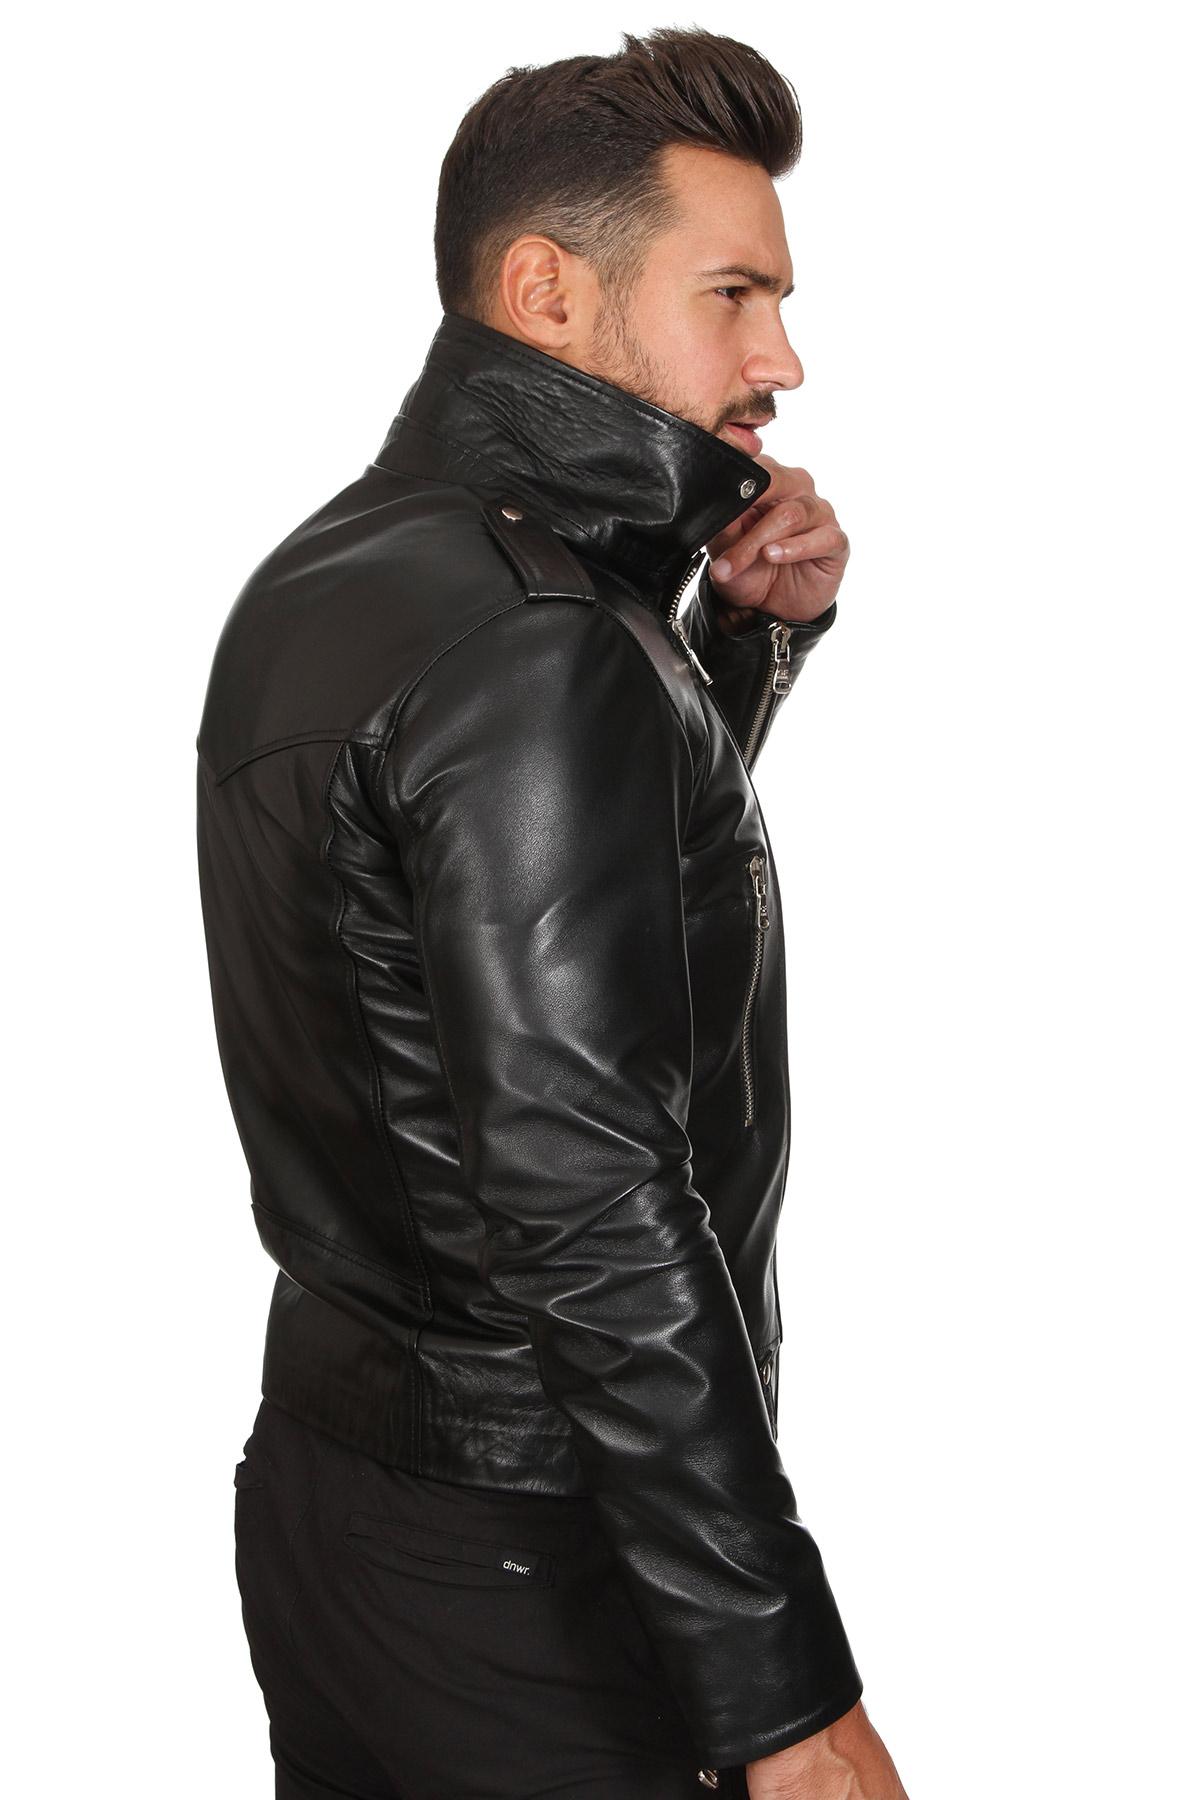 Wilson Leather Dkny